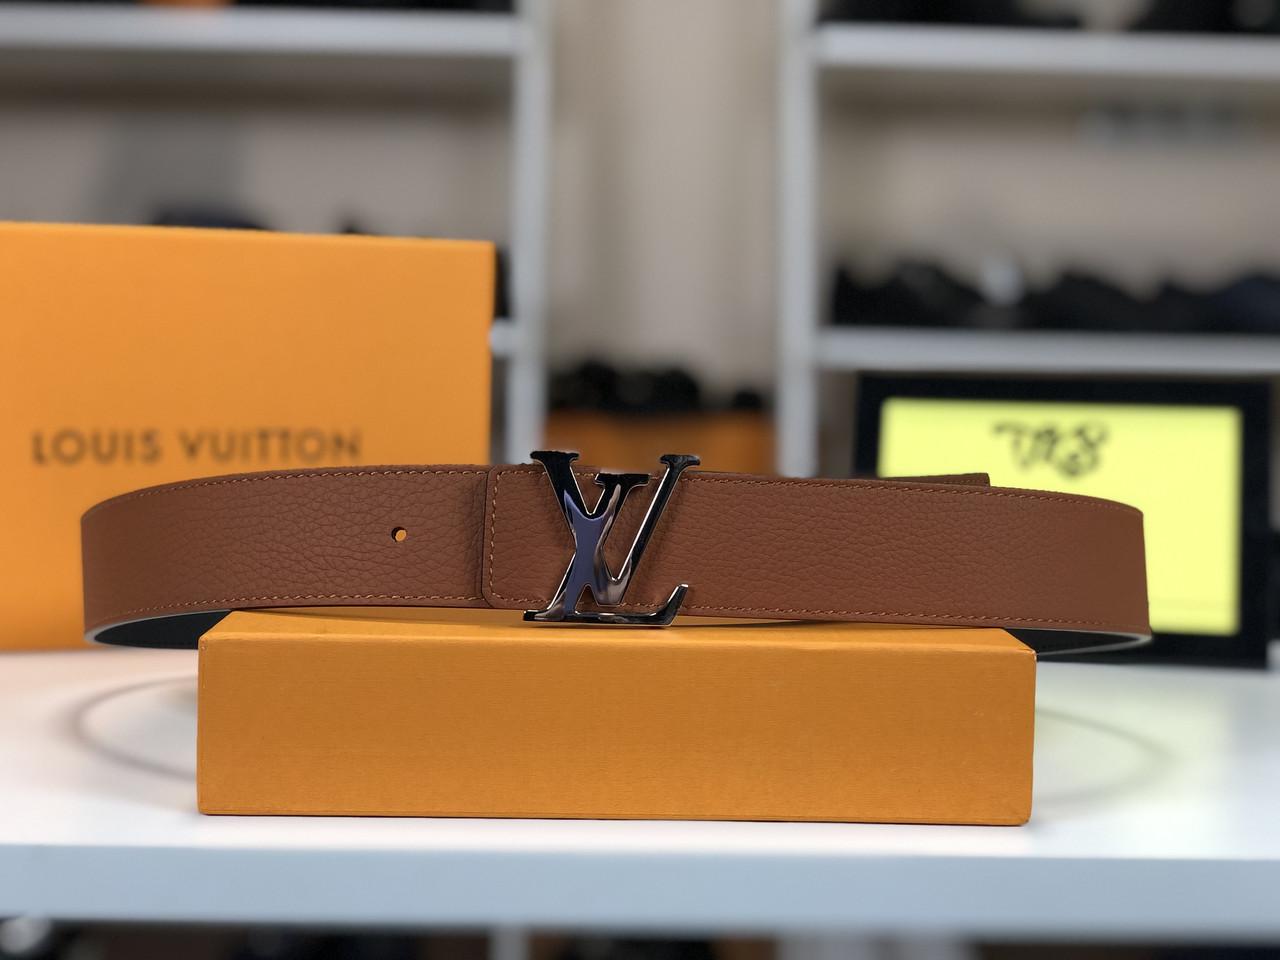 Двусторонний ремень Louis Vuitton (Луи Виттон) арт. 61-08